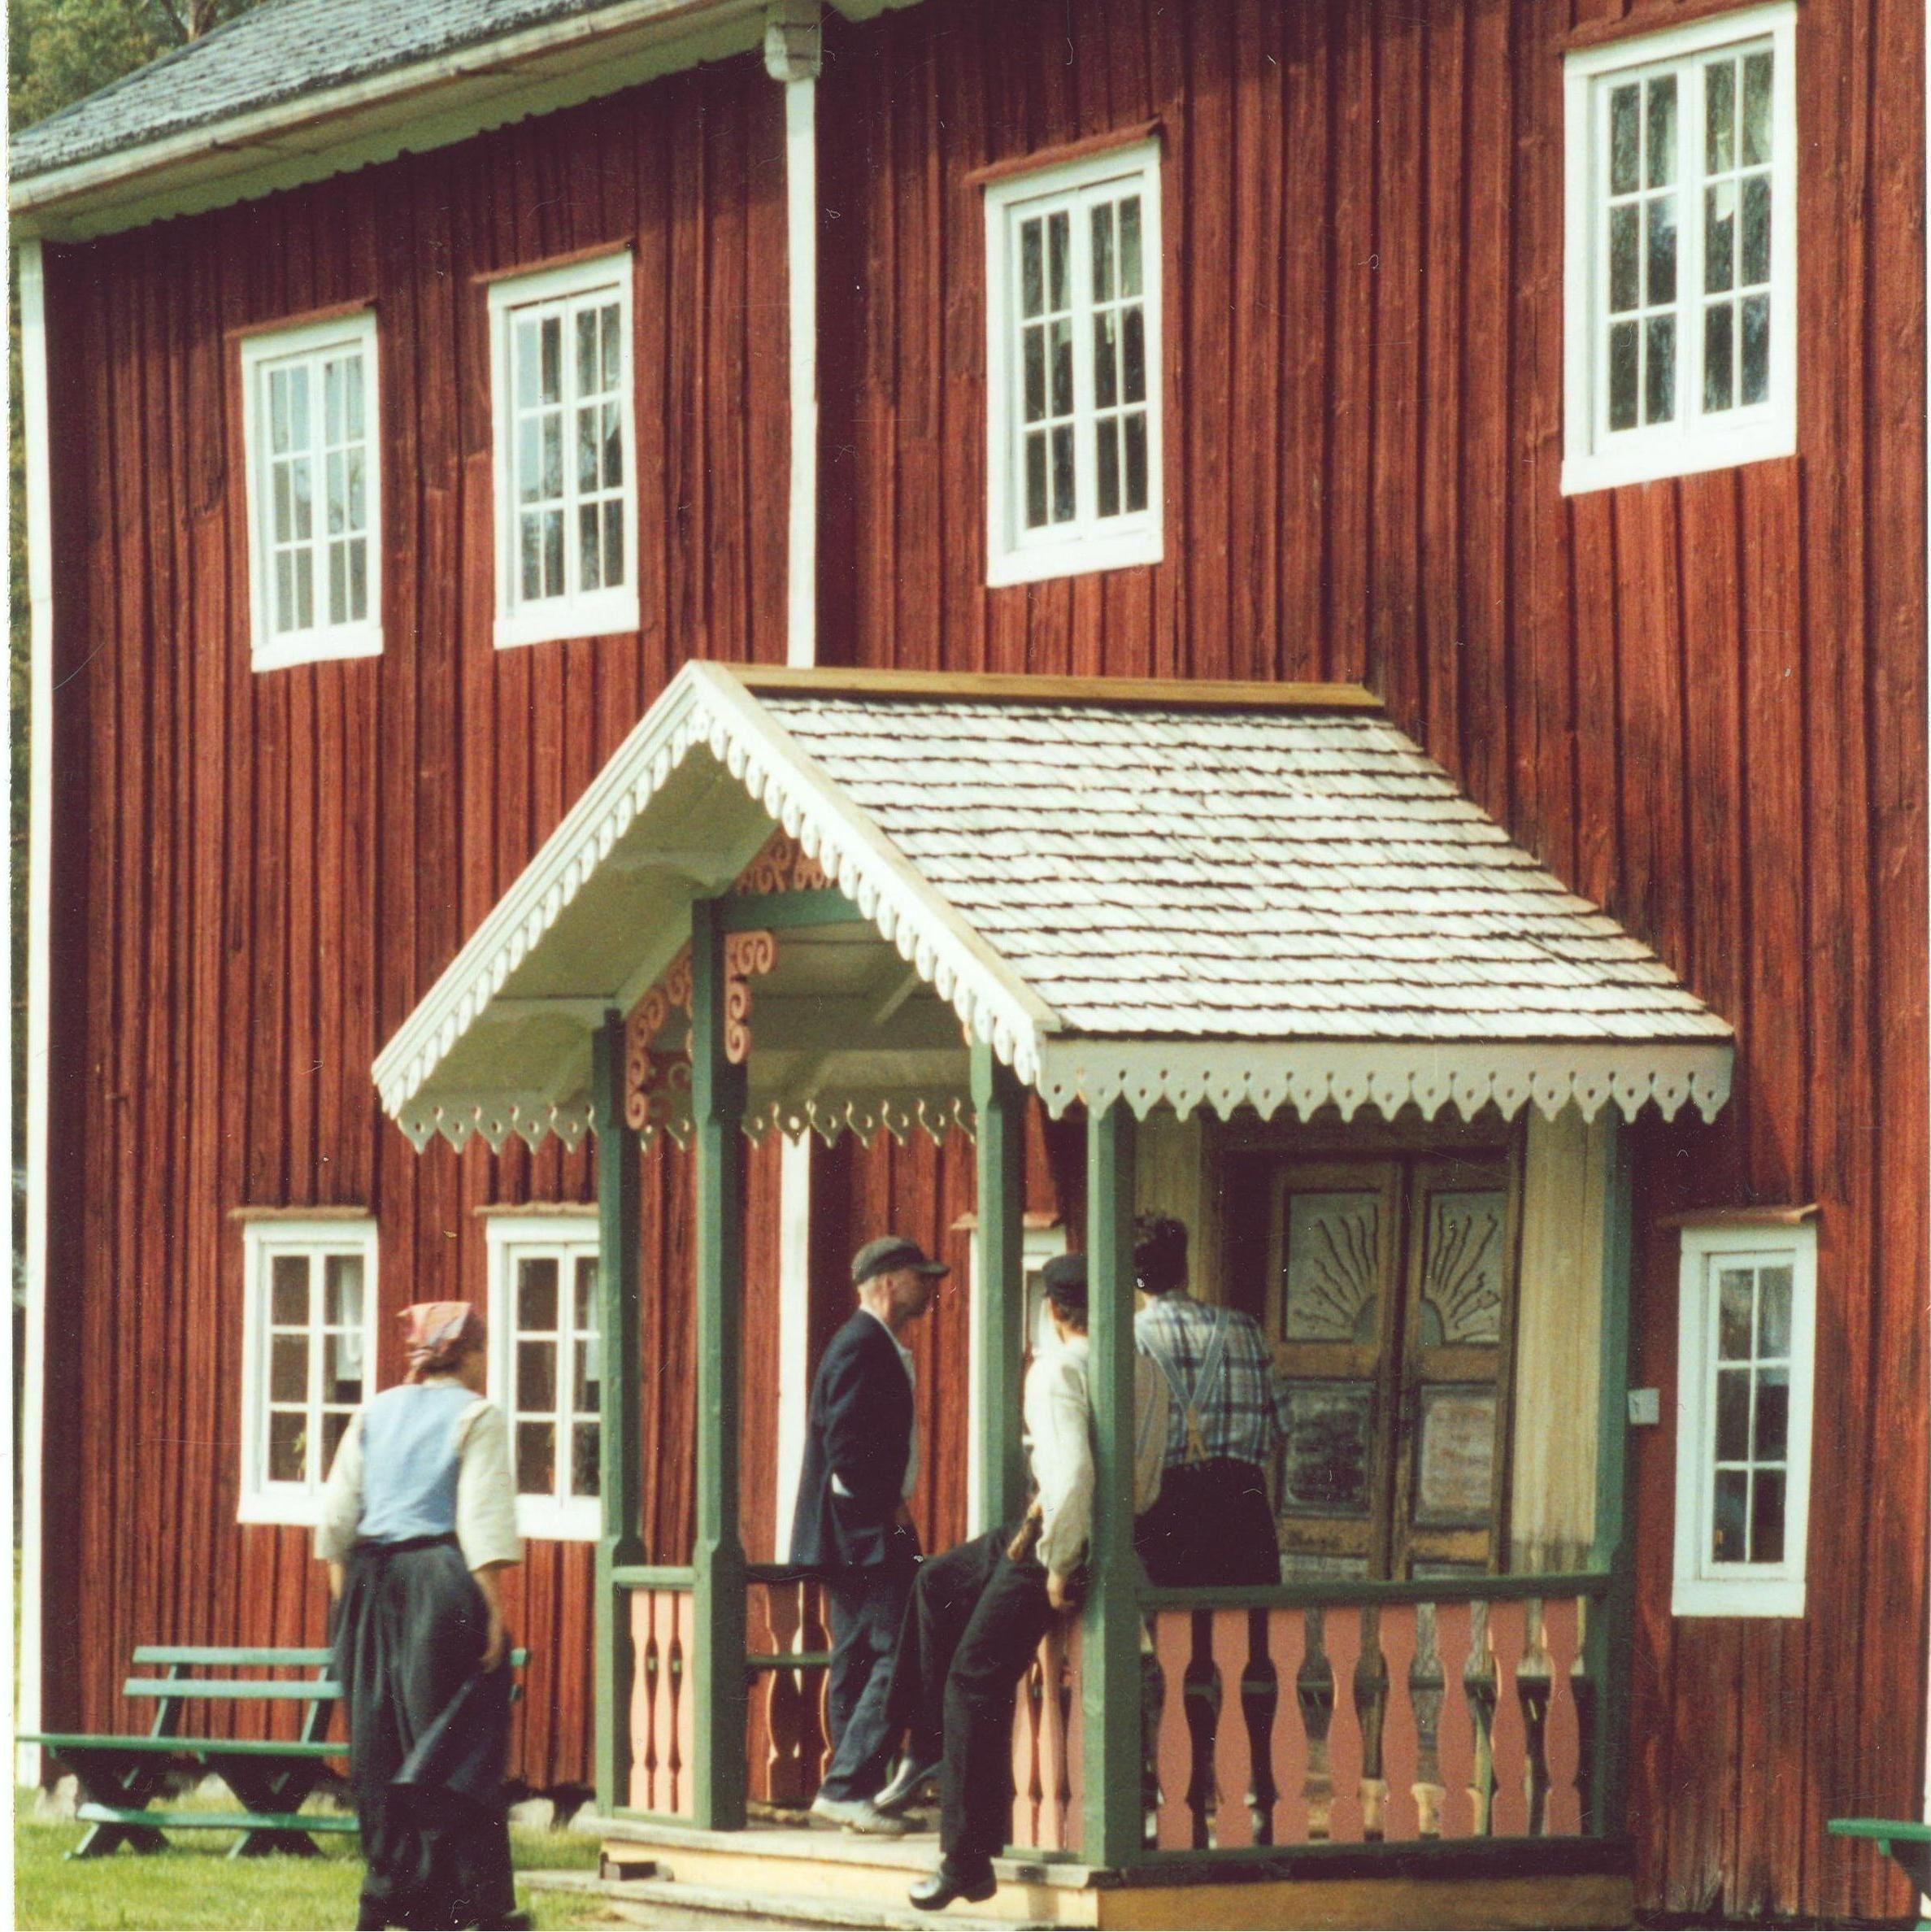 Världsarv Fågelsjö Gammelgård